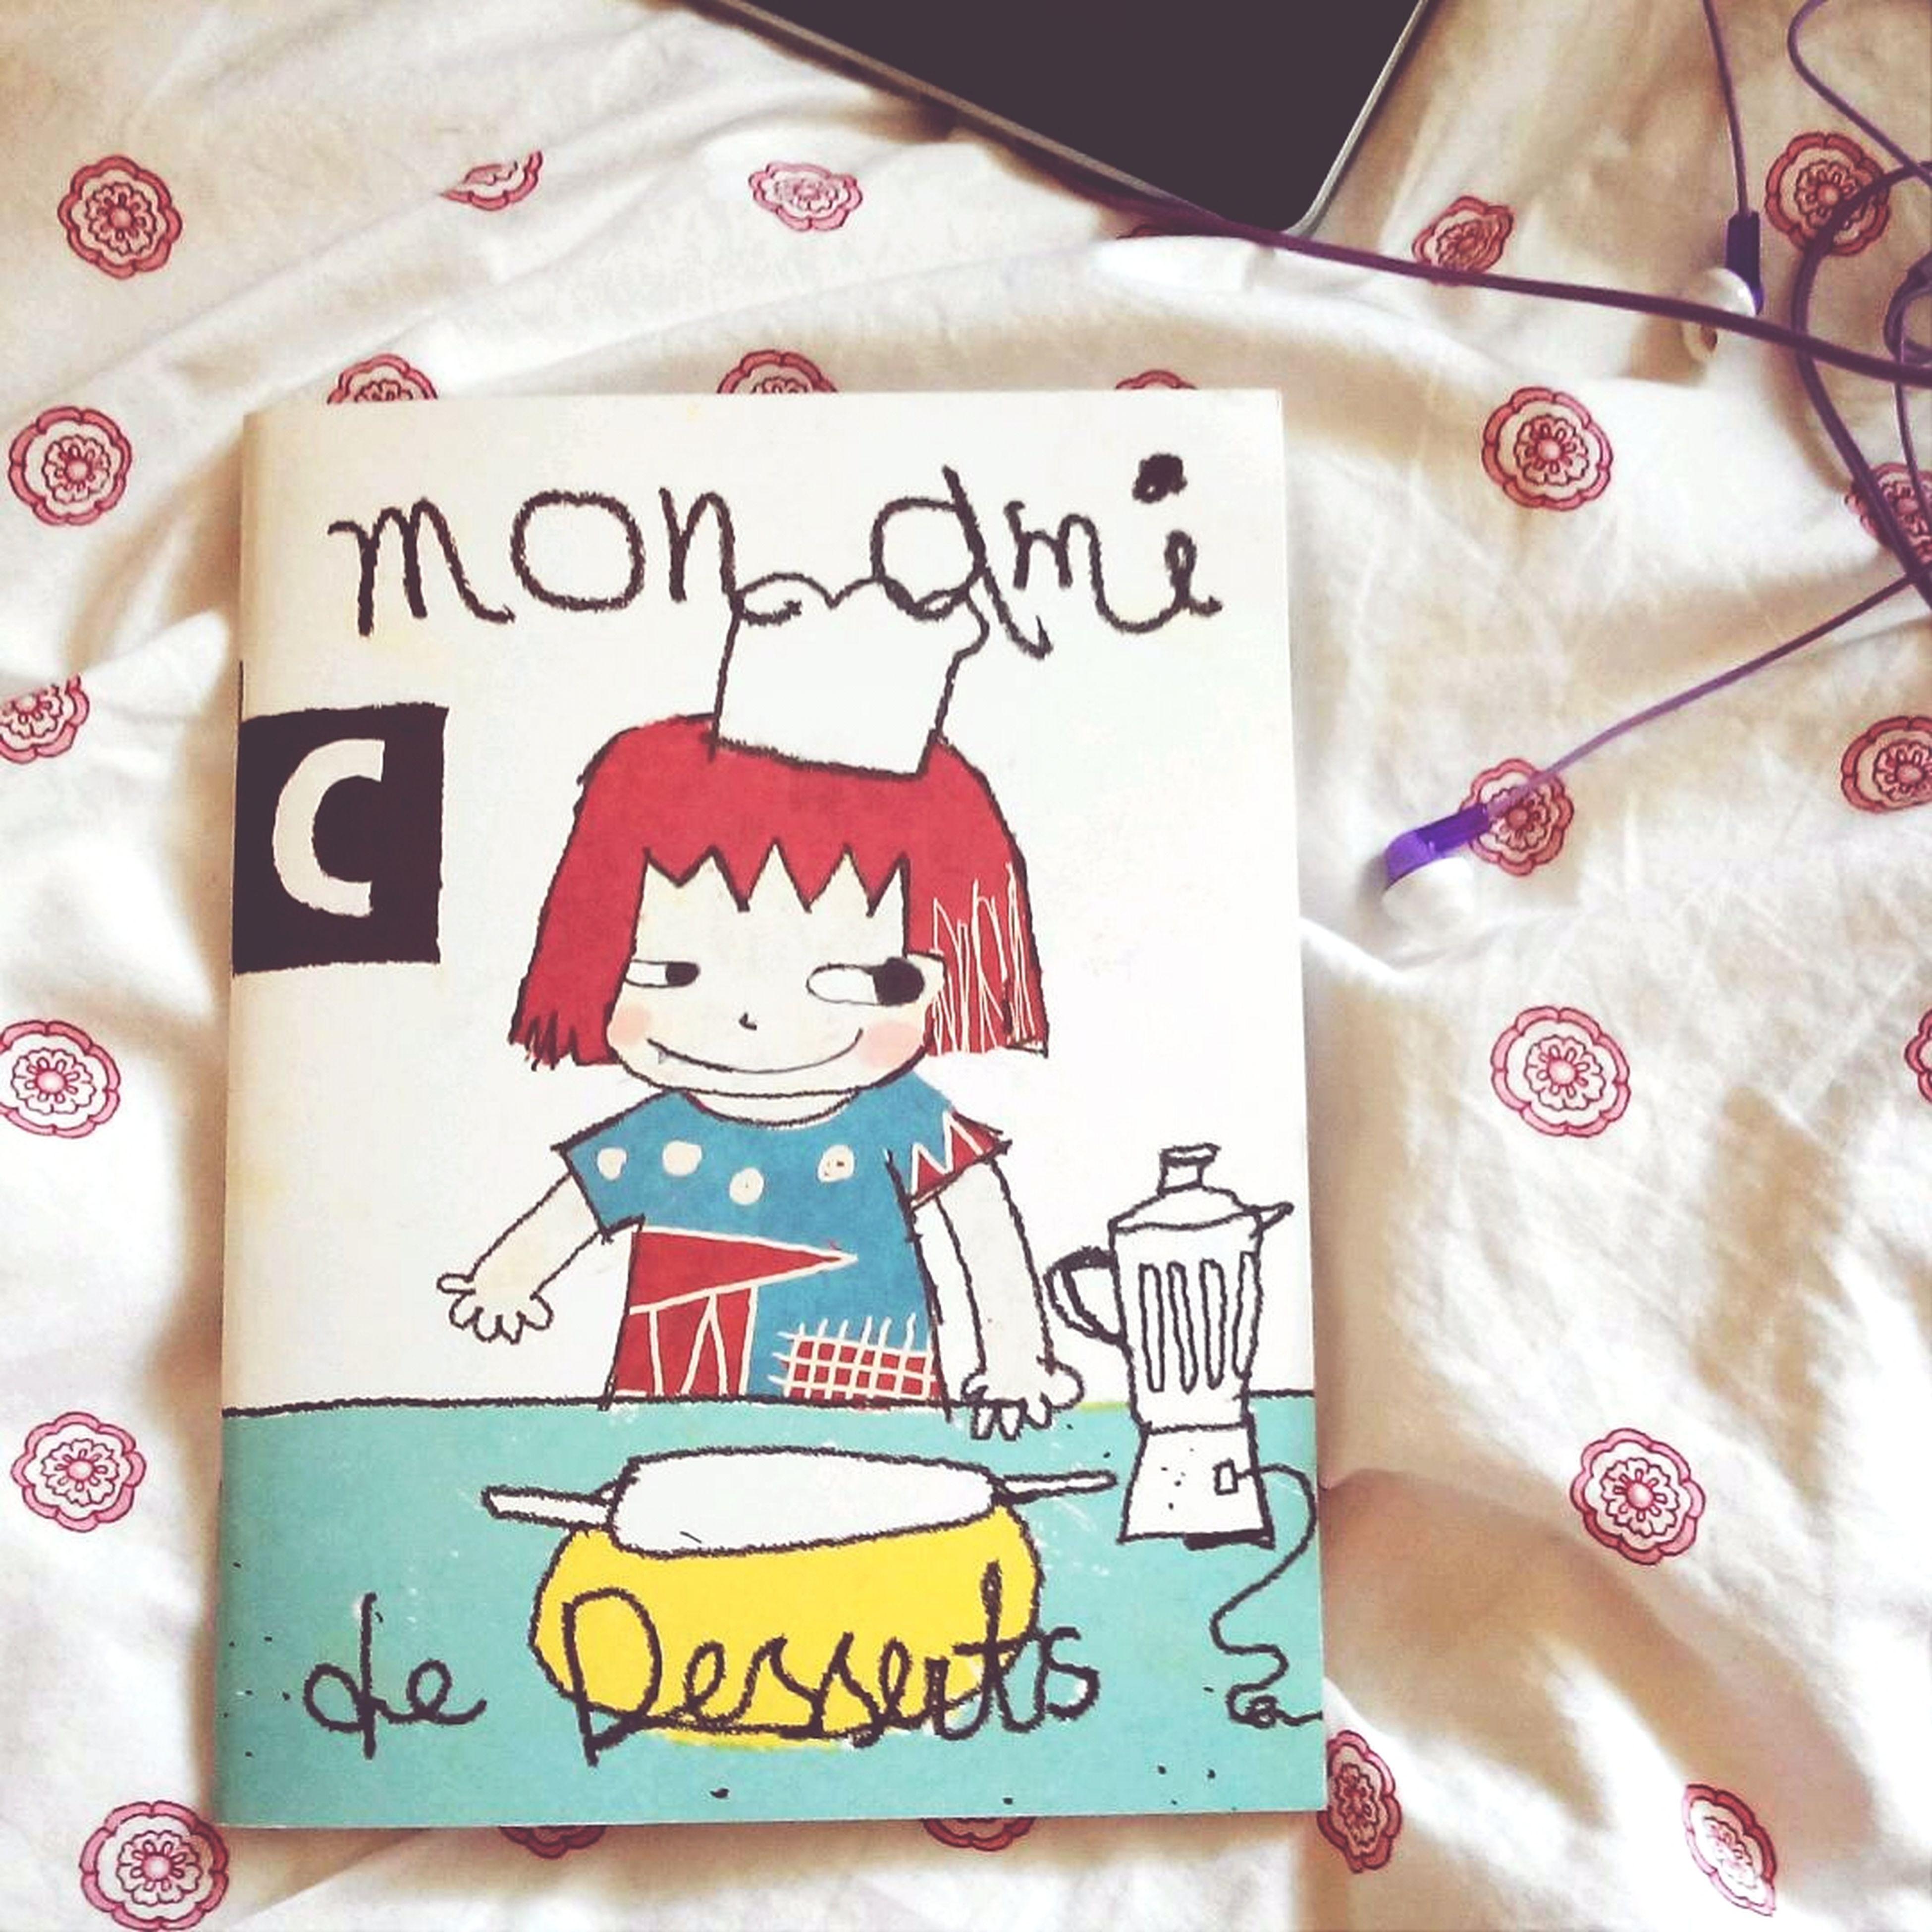 Книга рецептов, линованная, уже чуть заполненая машалайф Mon Ami книга рецептов Cooking Time